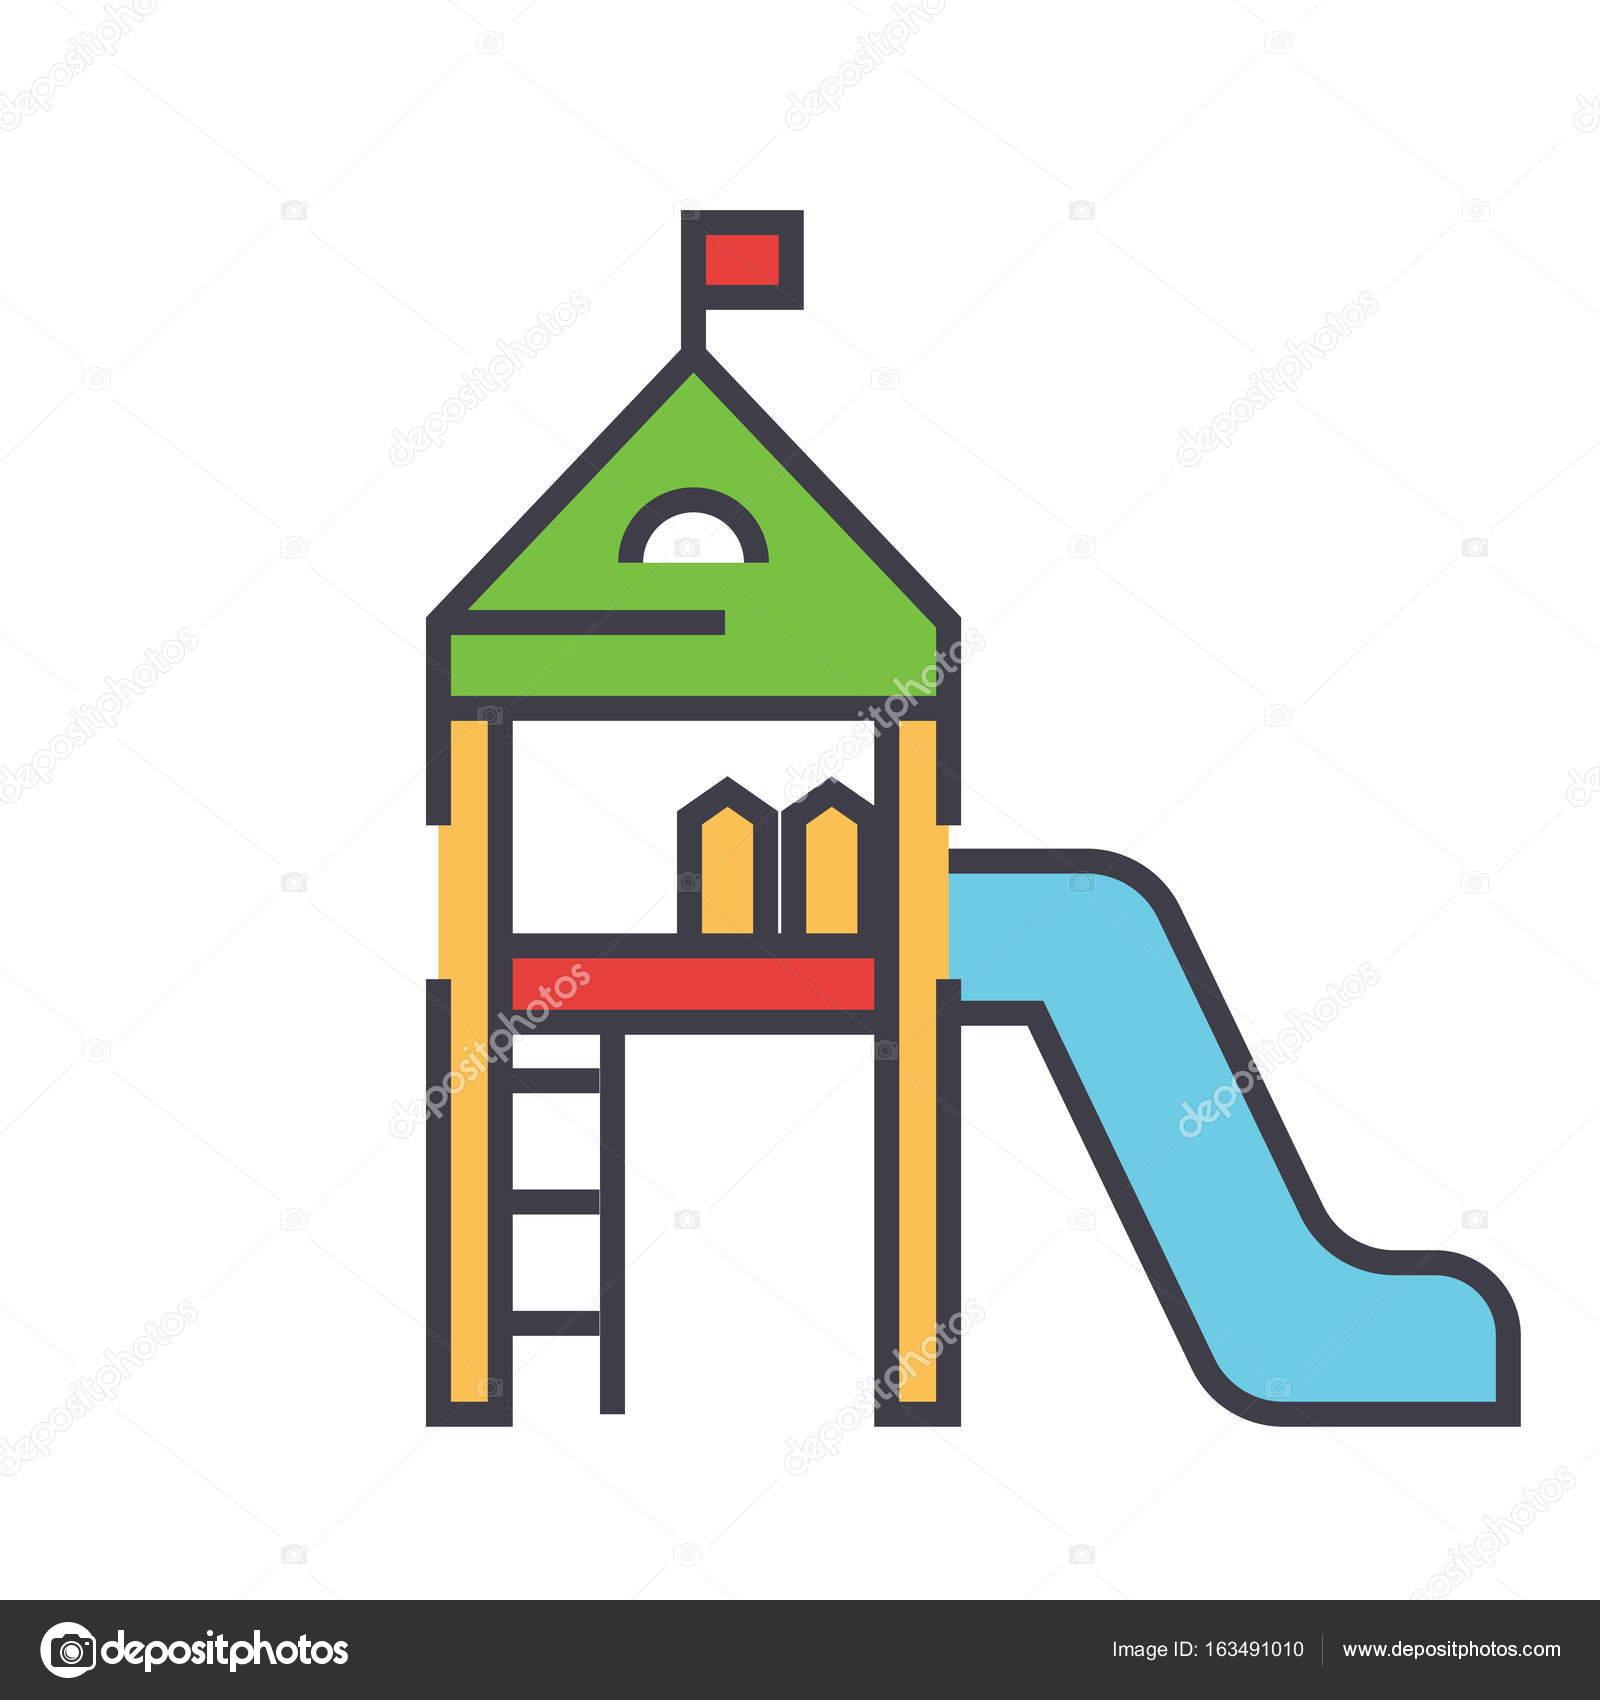 Imagenes Juegos Infantiles Icono Los Ninos Juegos Infantiles - Casa-de-juegos-infantiles